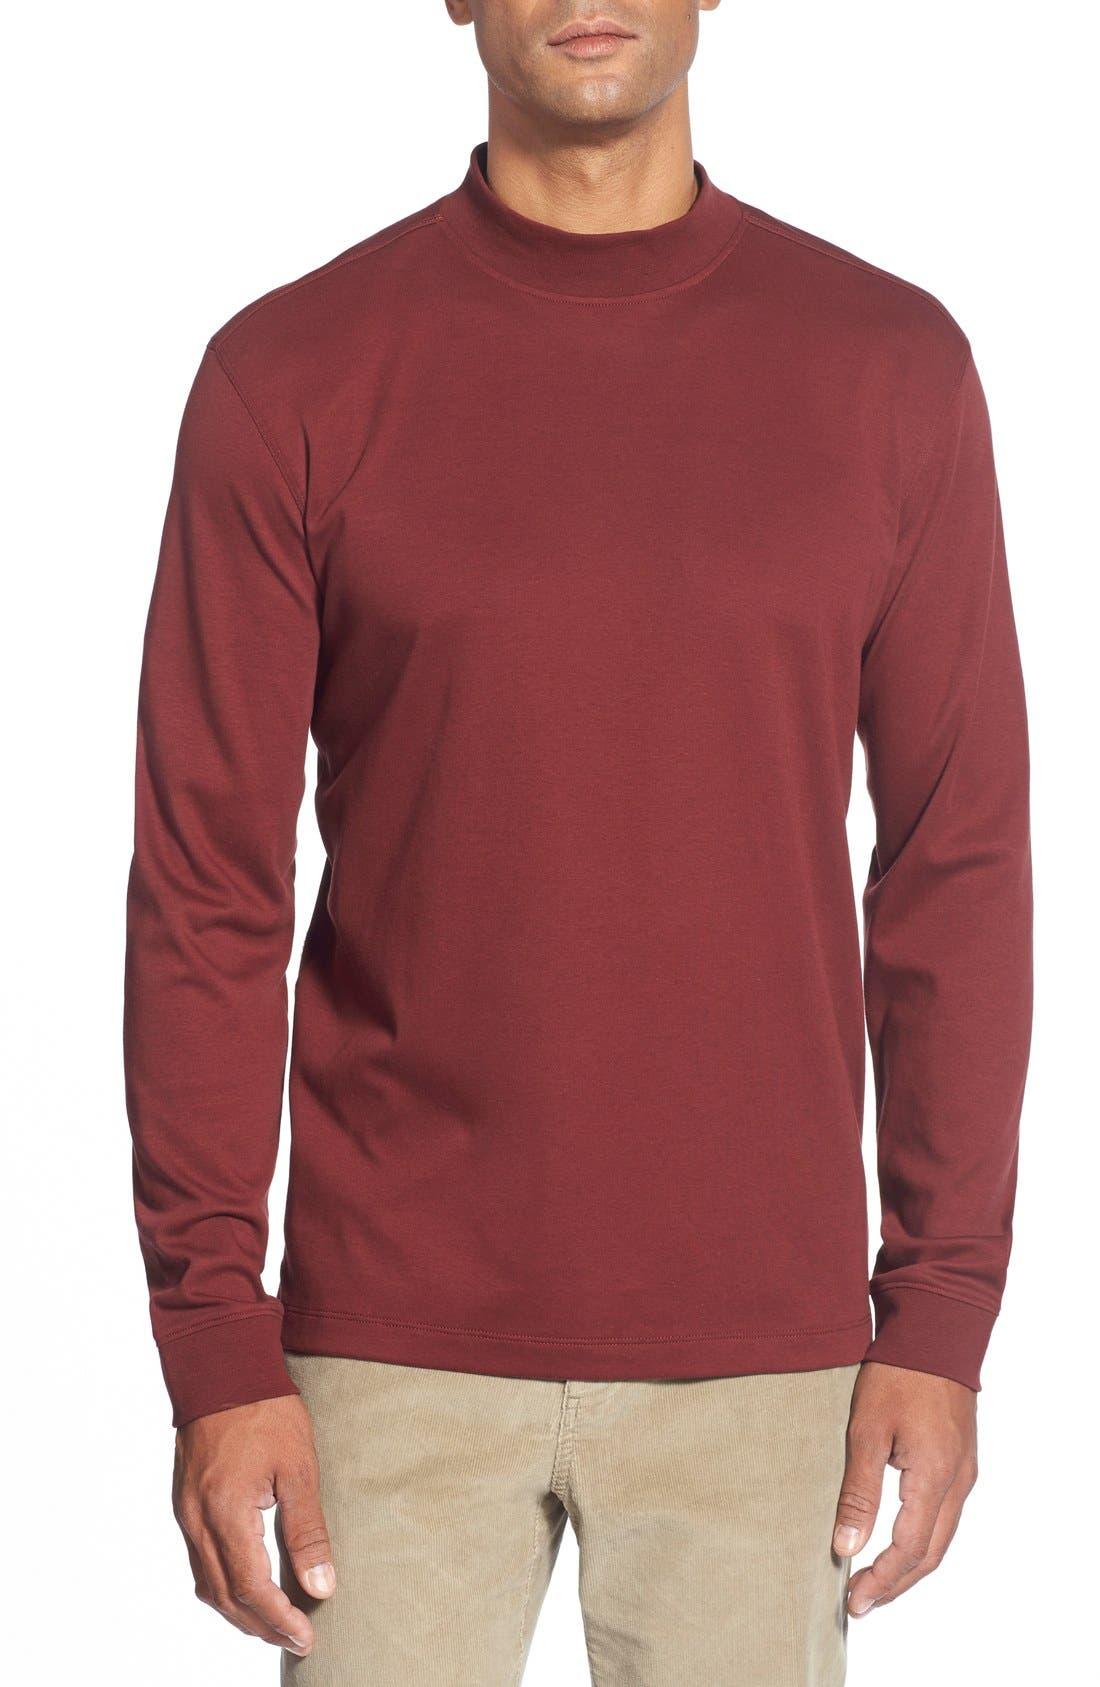 Cutter & Buck 'Belfair' Long Sleeve Mock Neck Pima Cotton T-Shirt